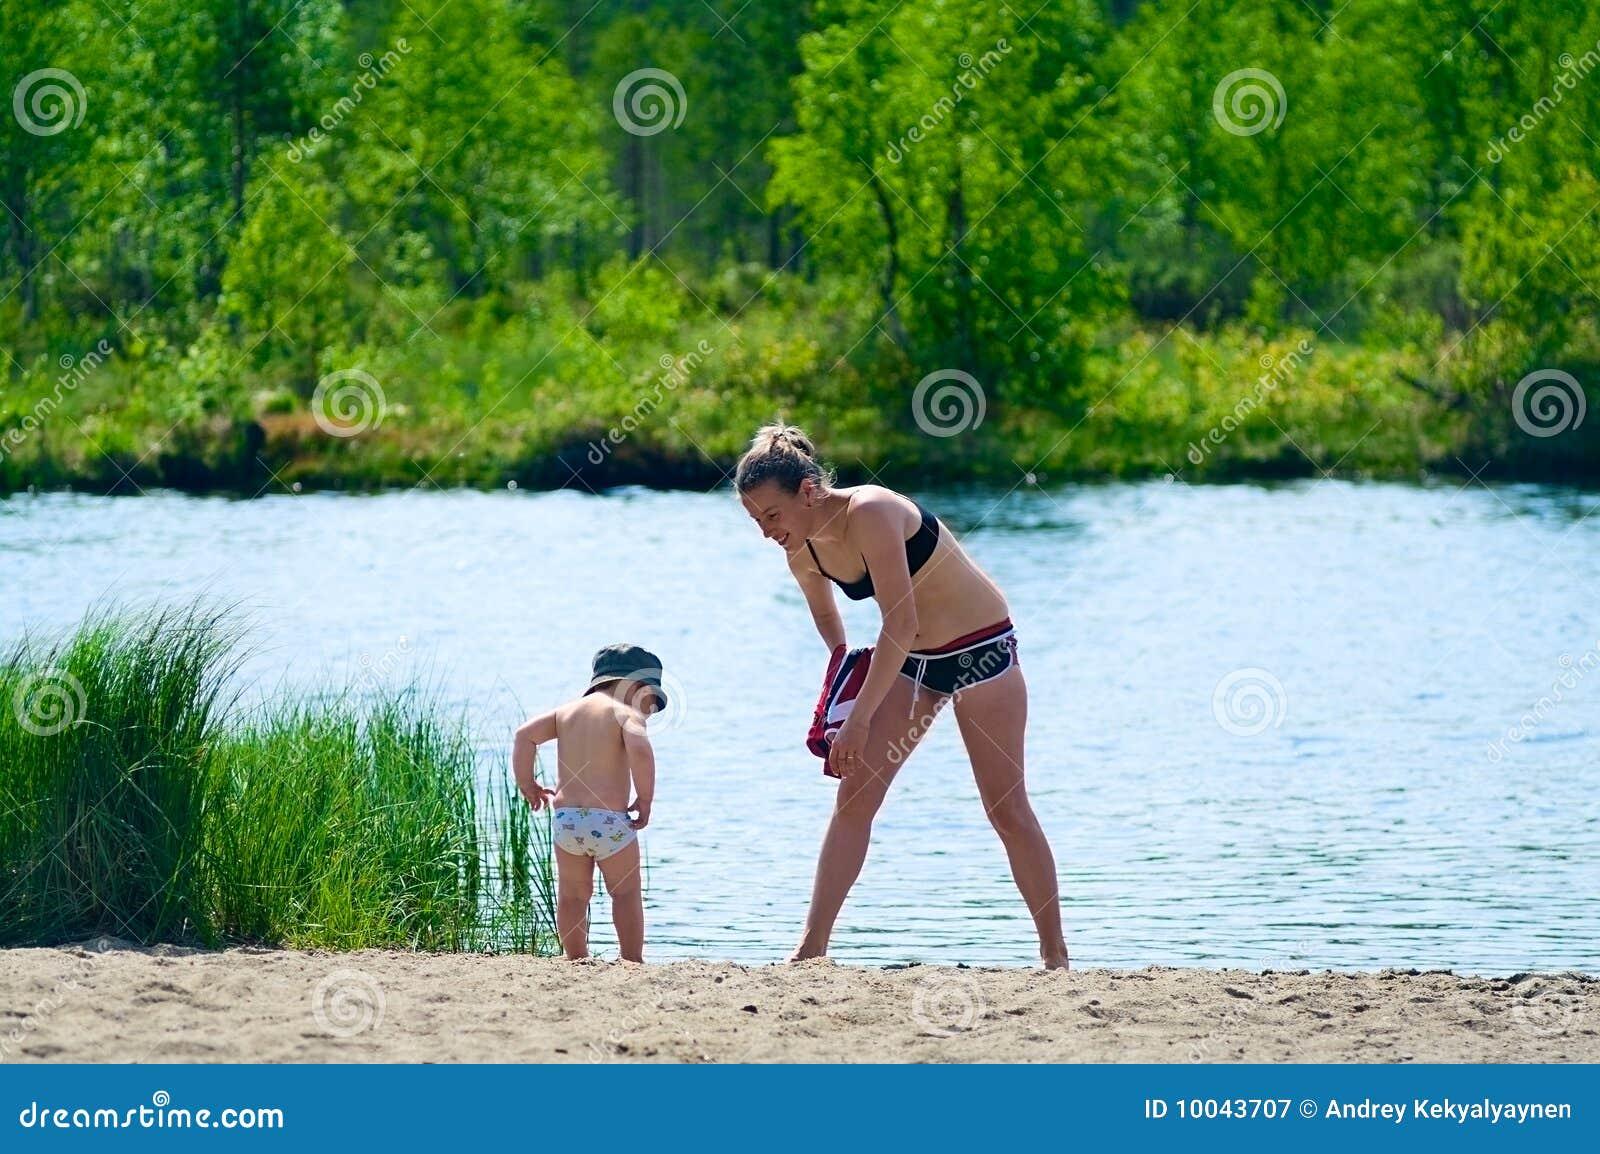 Пошла купаться на речку без купальника 16 фотография